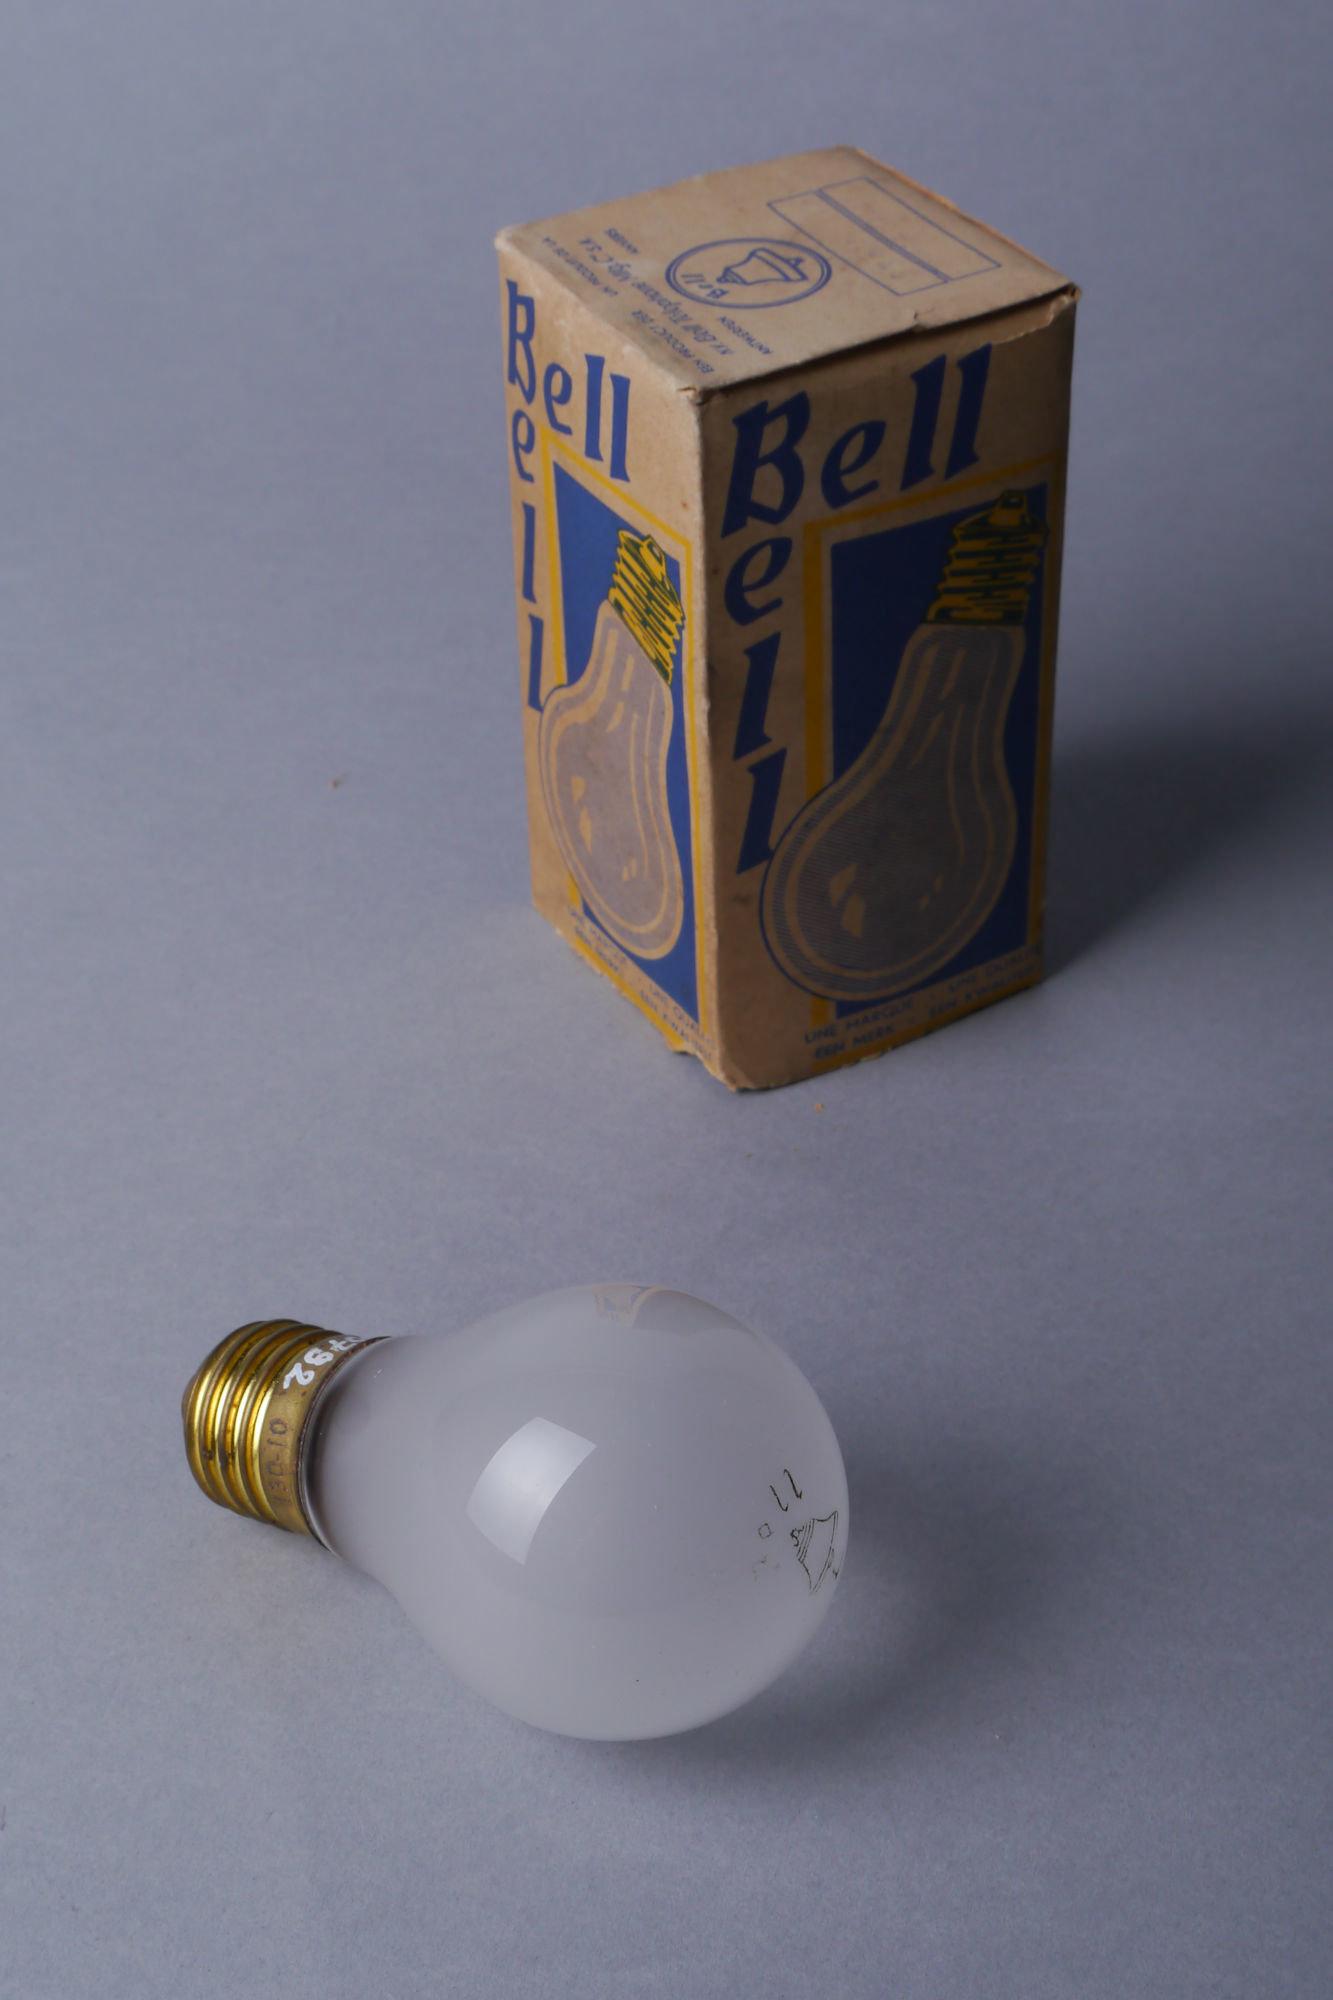 Gloeilamp van het merk Bell